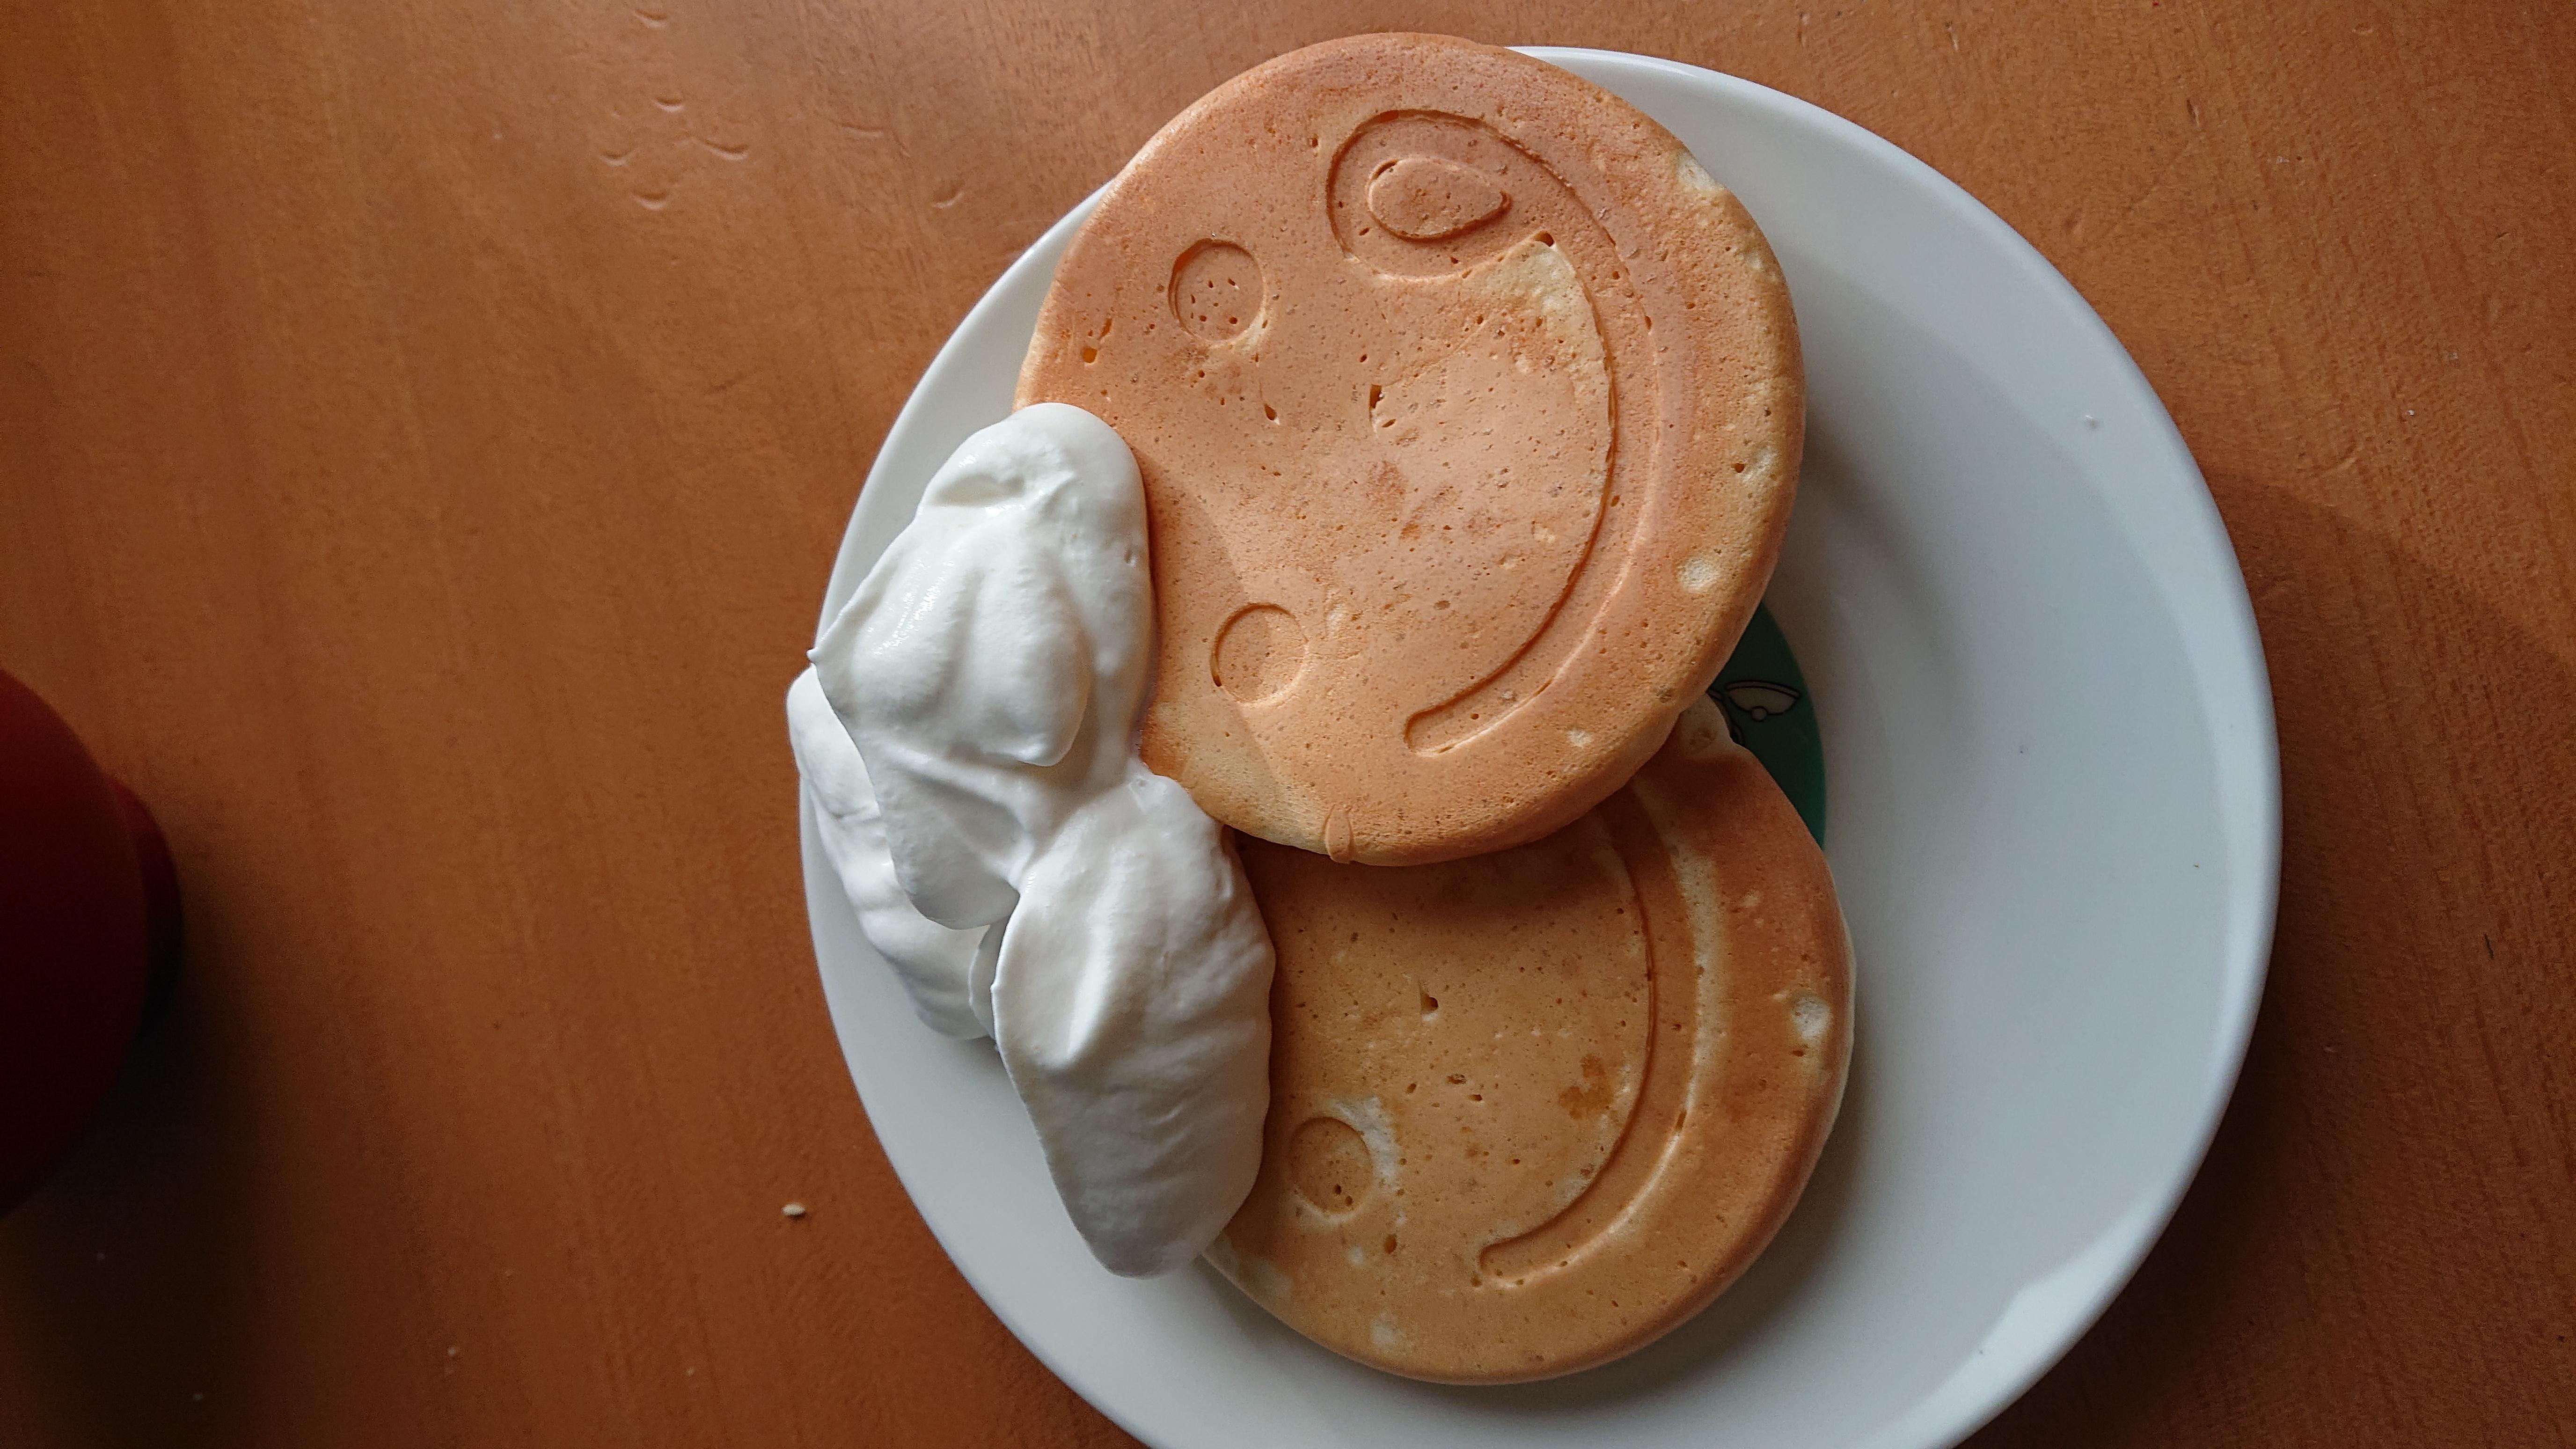 朝ごはん 白髪のおじさんパンケーキ